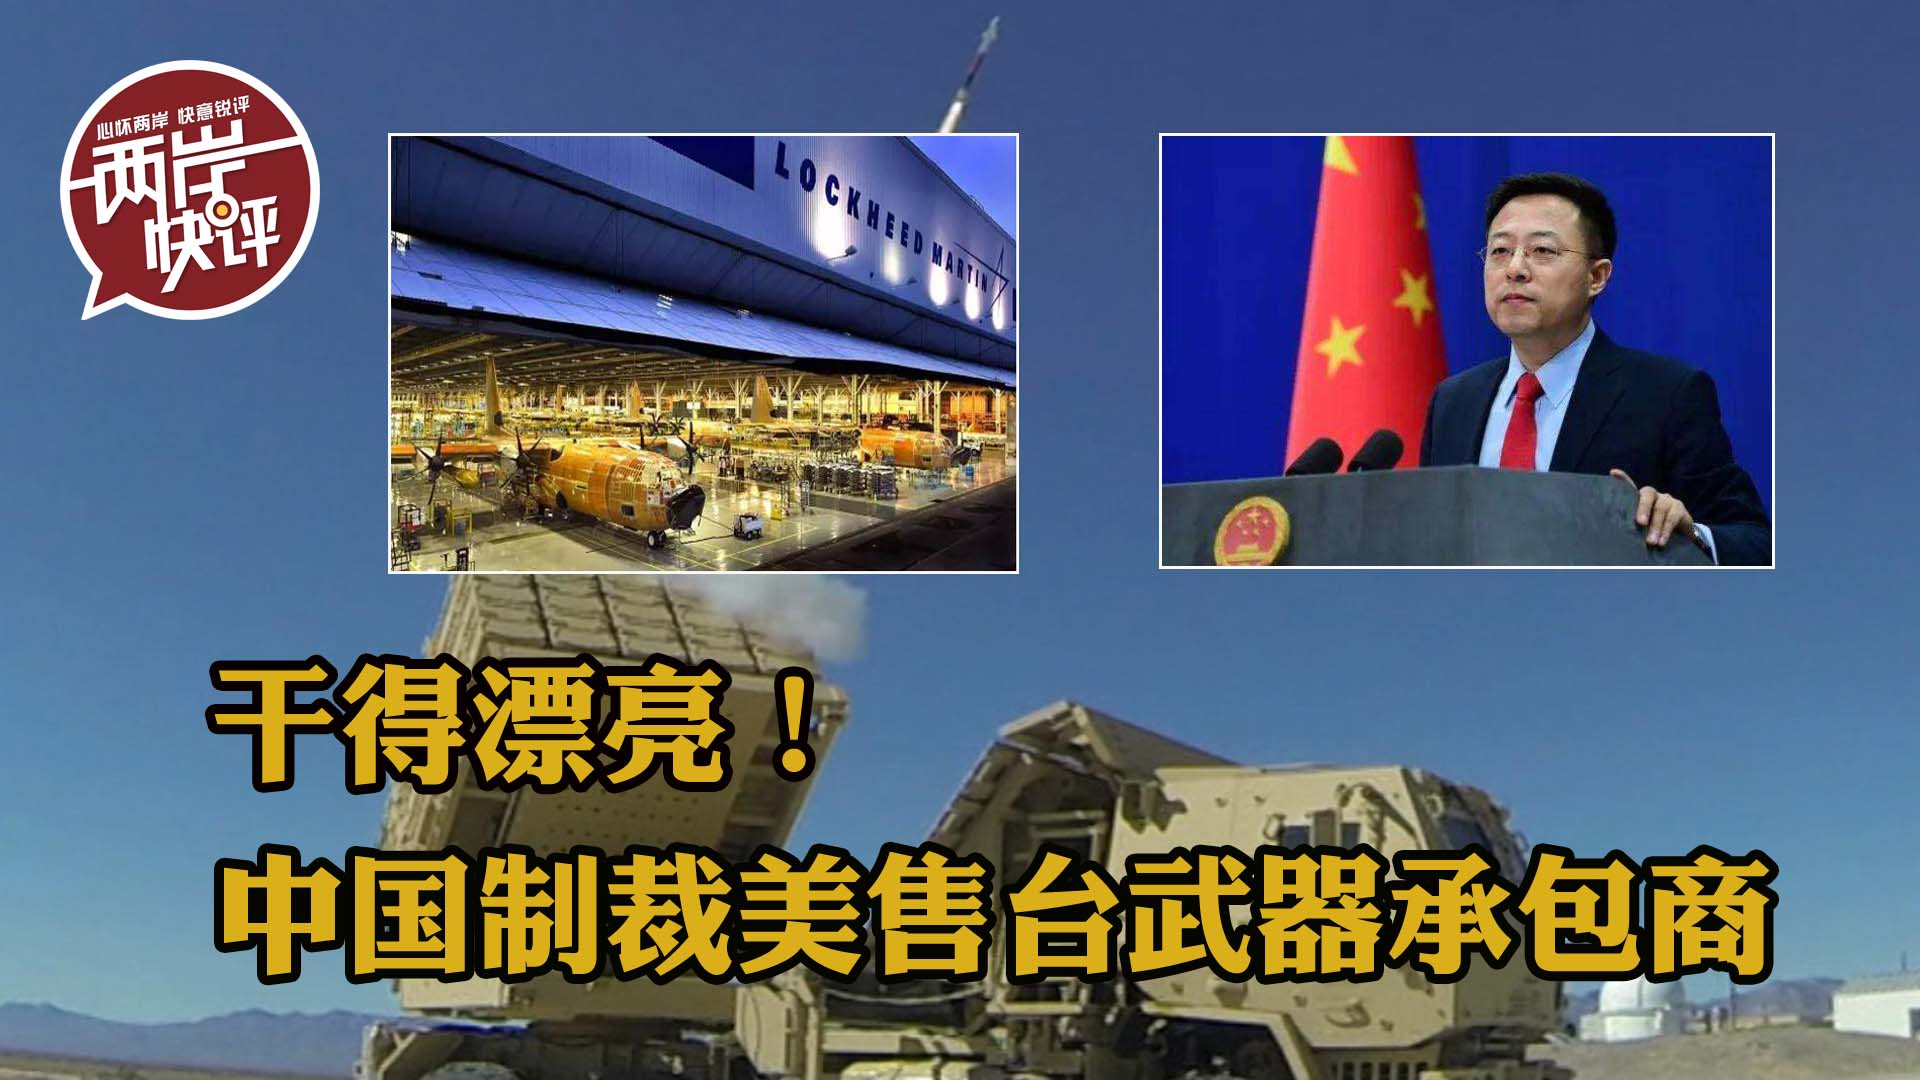 中國制裁美售臺武器承包商是一個信號,臺灣收到警告沒?圖片